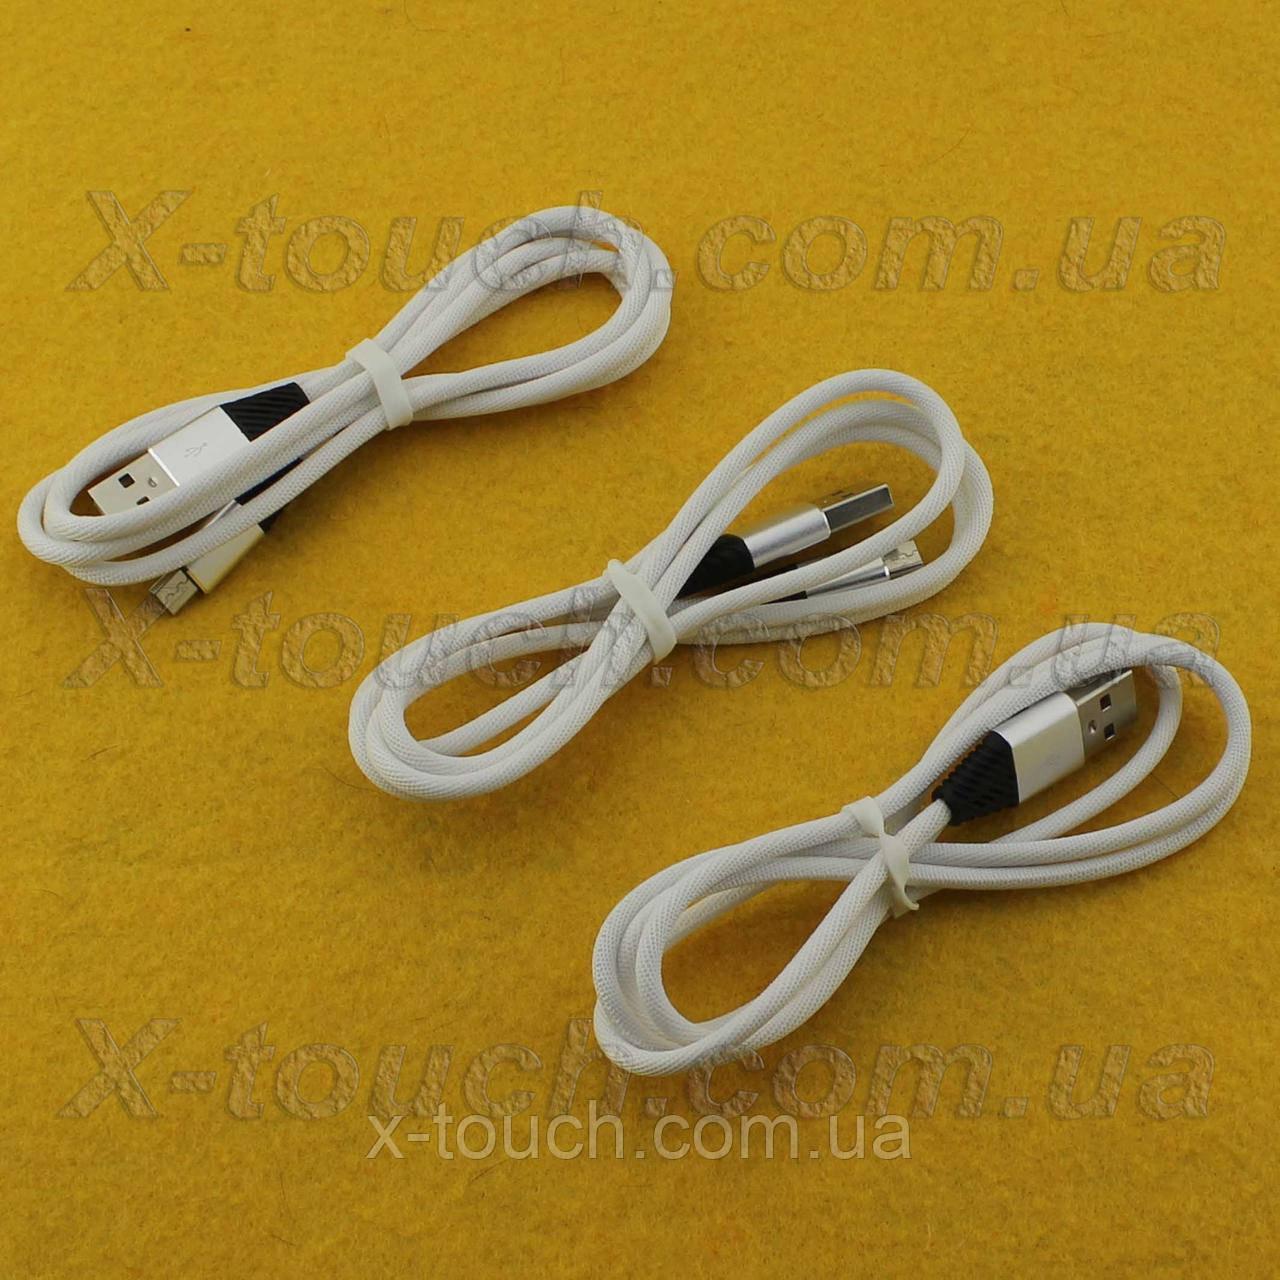 Провод USB - Micro USB кабель для быстрой зарядки.